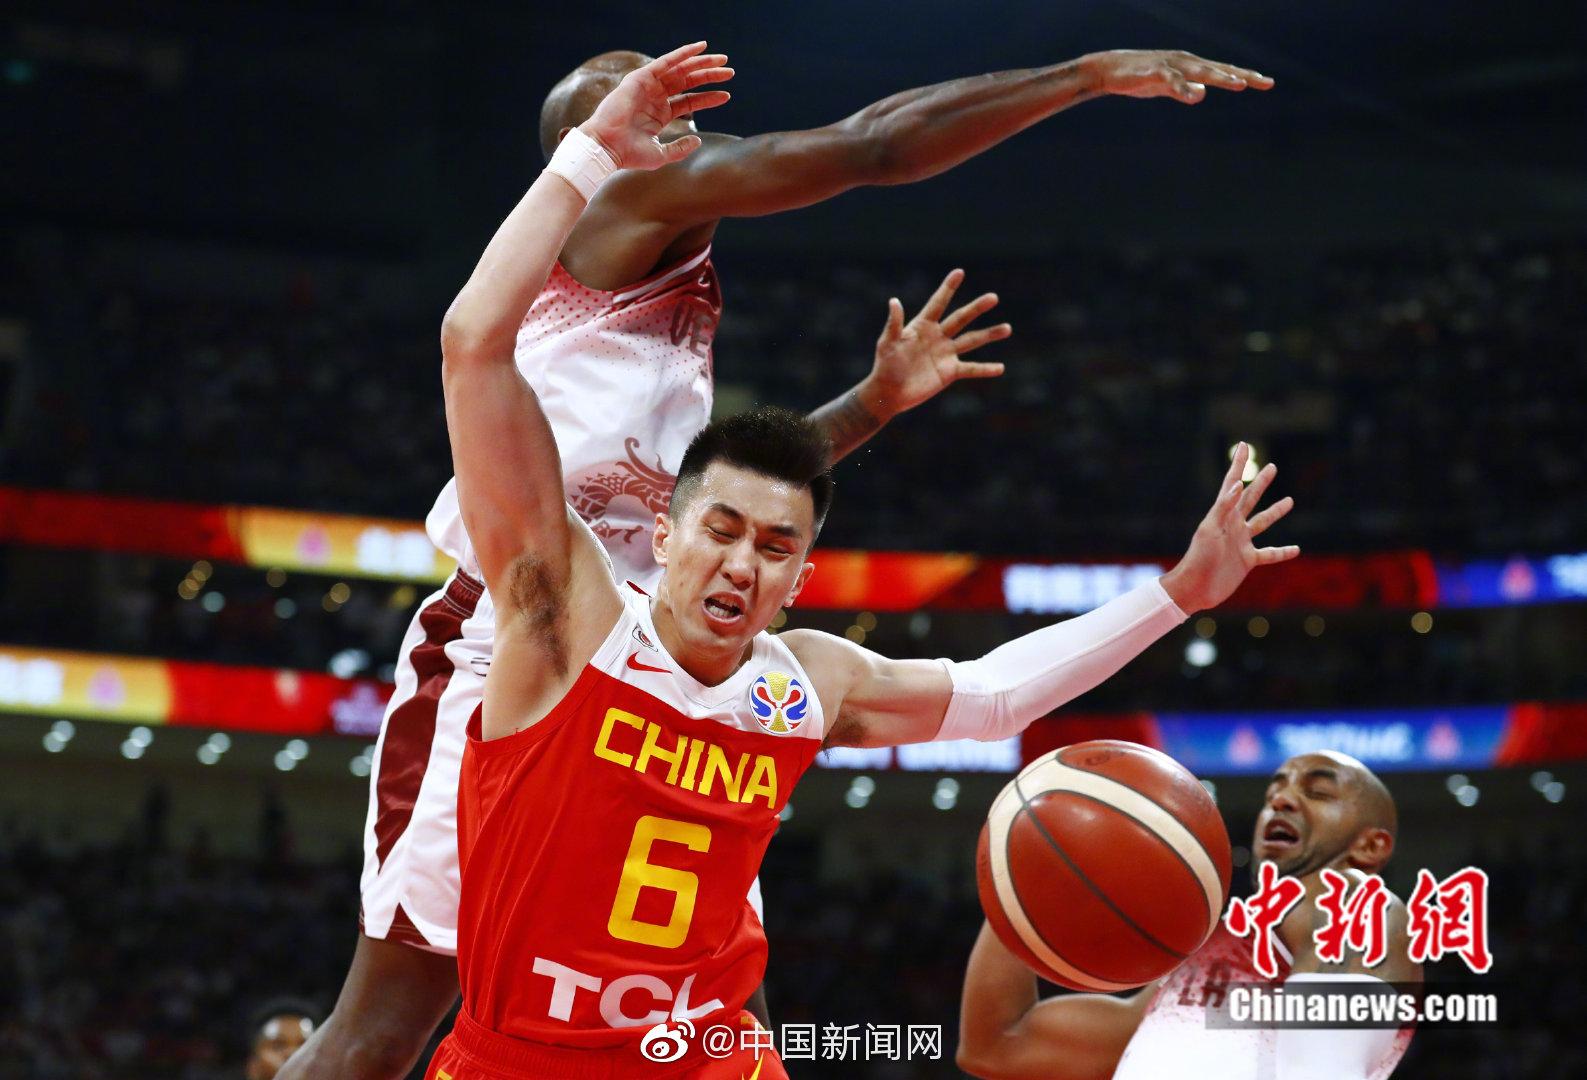 中国队篮板球